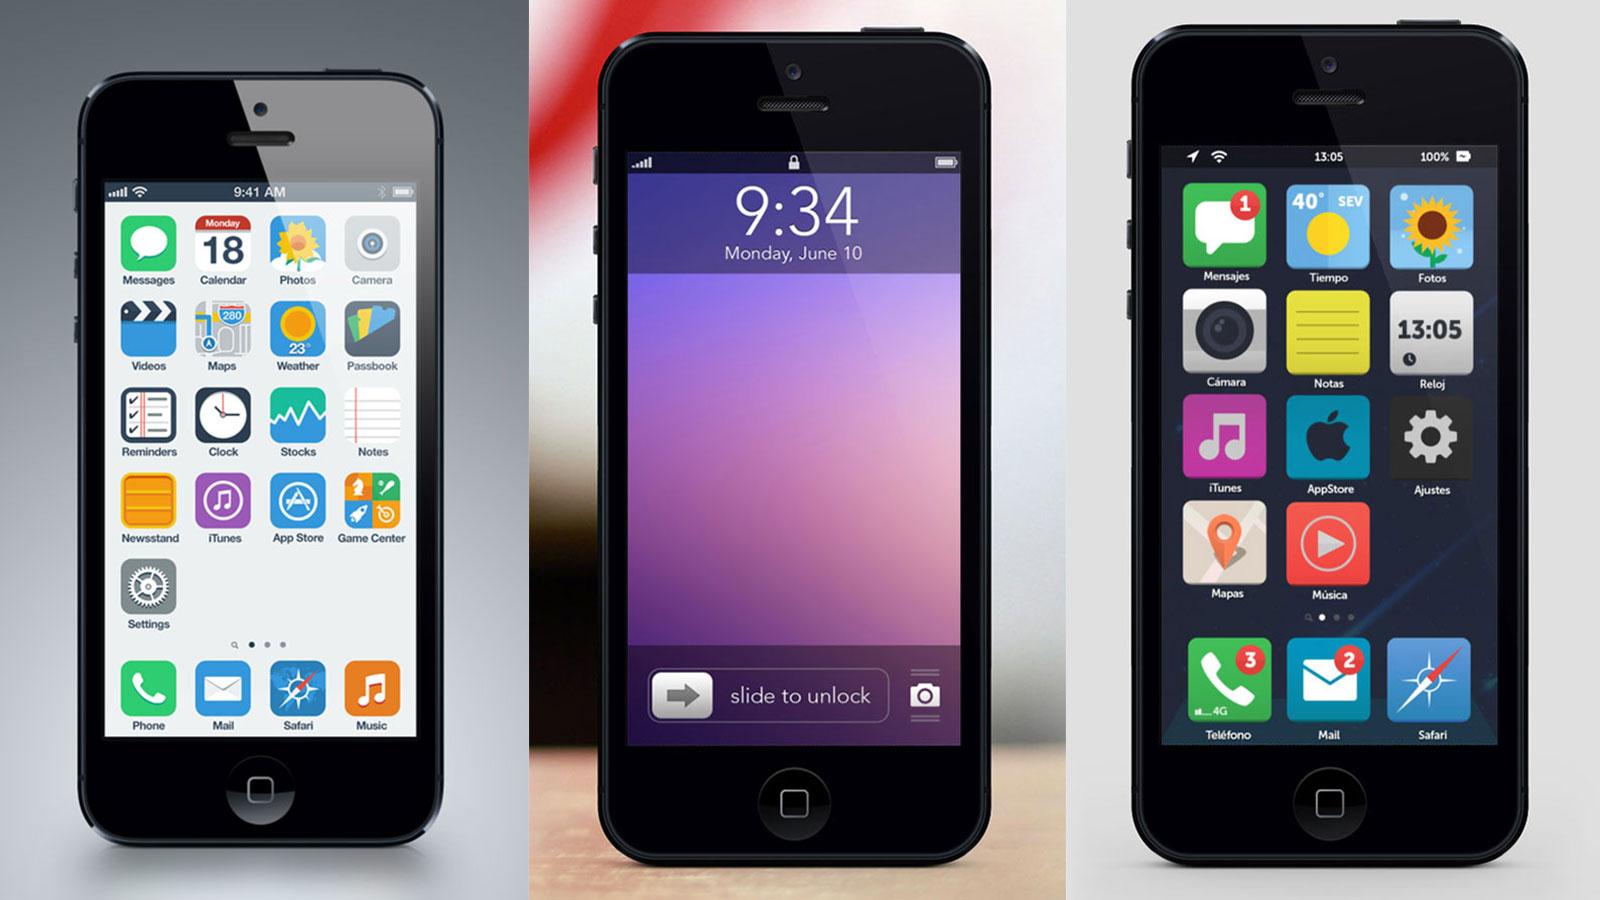 iOS 7, iOS 6, iOS 5- iPhone 4s, iPhone 5, iPhone 5c, iPhone 5s, JailBreak, Unlock Methods, Cydia Sharing spot